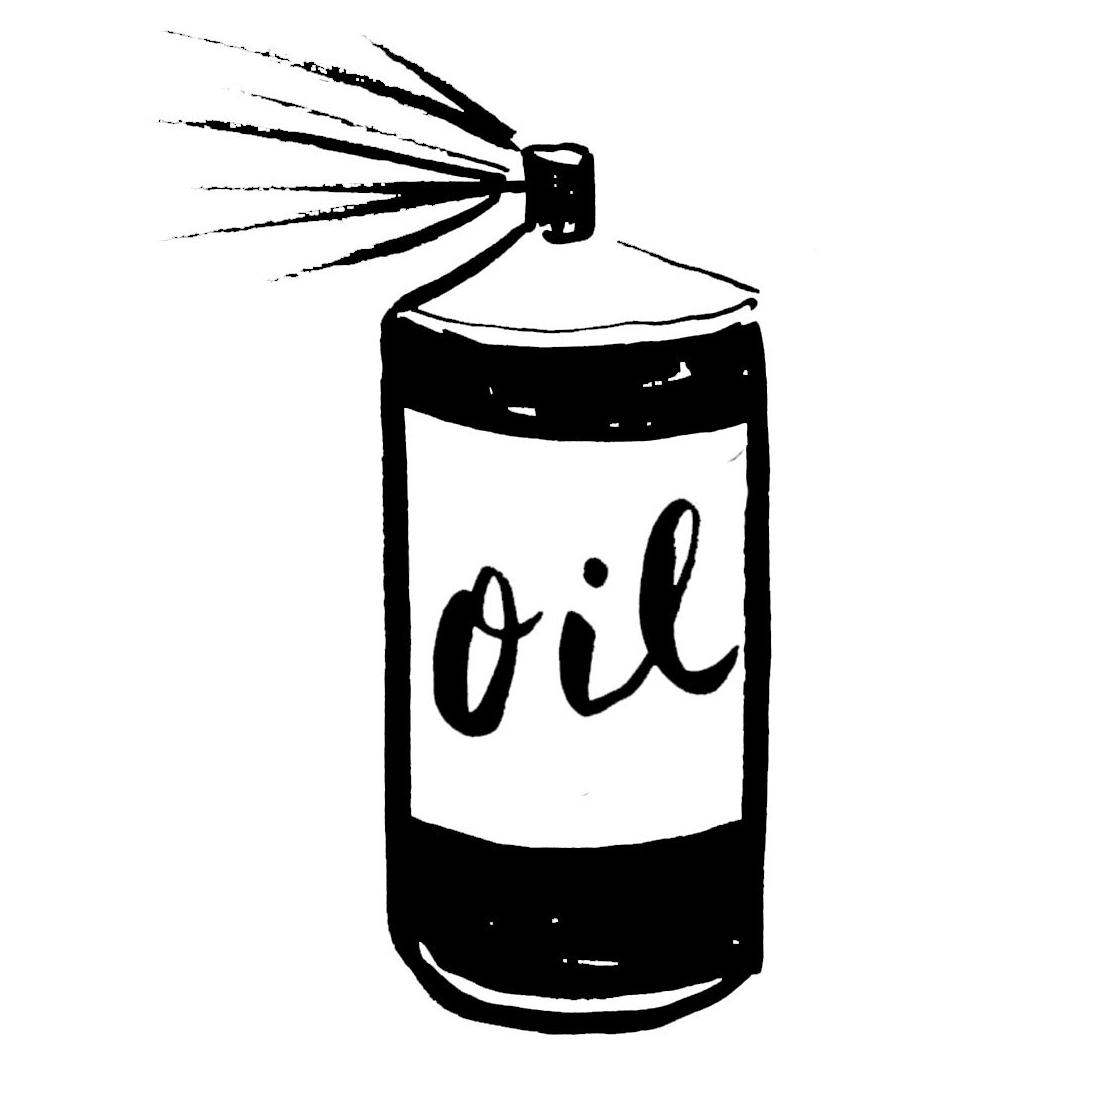 oil spray illustration